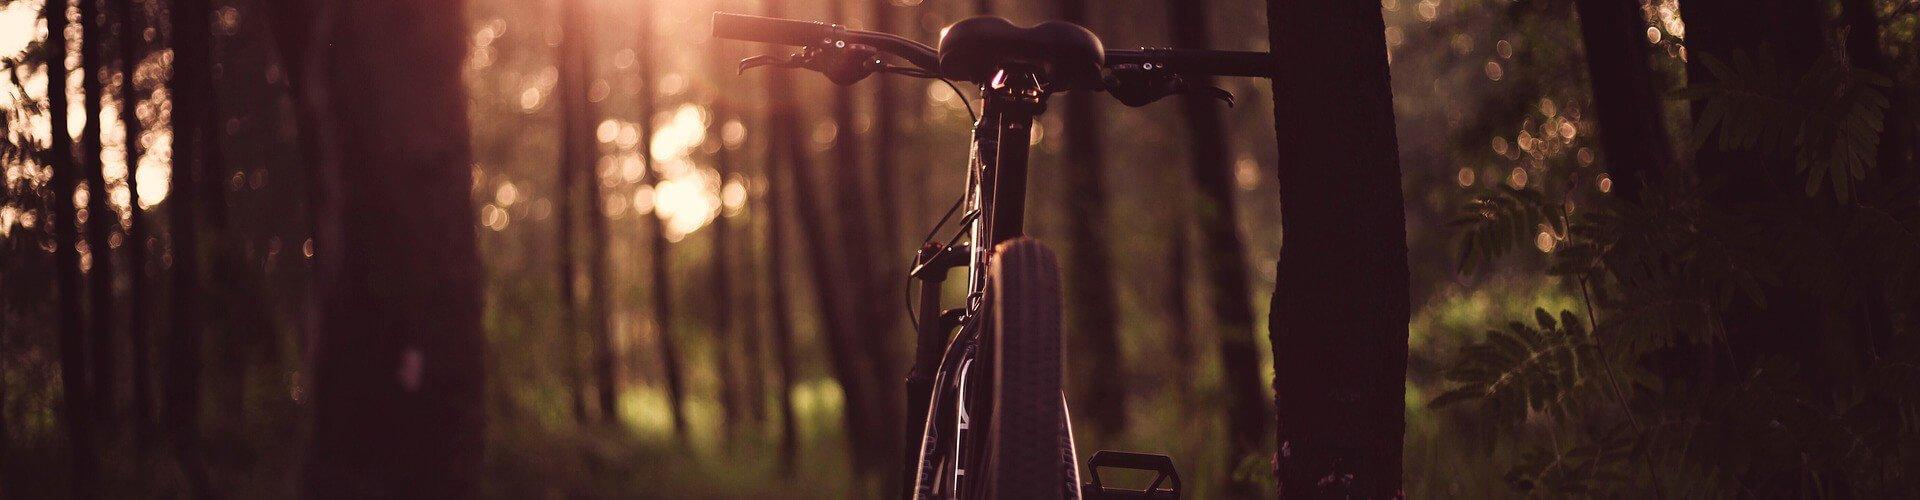 Вело.ру - велосипеды,запчасти,аксессуары,сервис в Калининграде